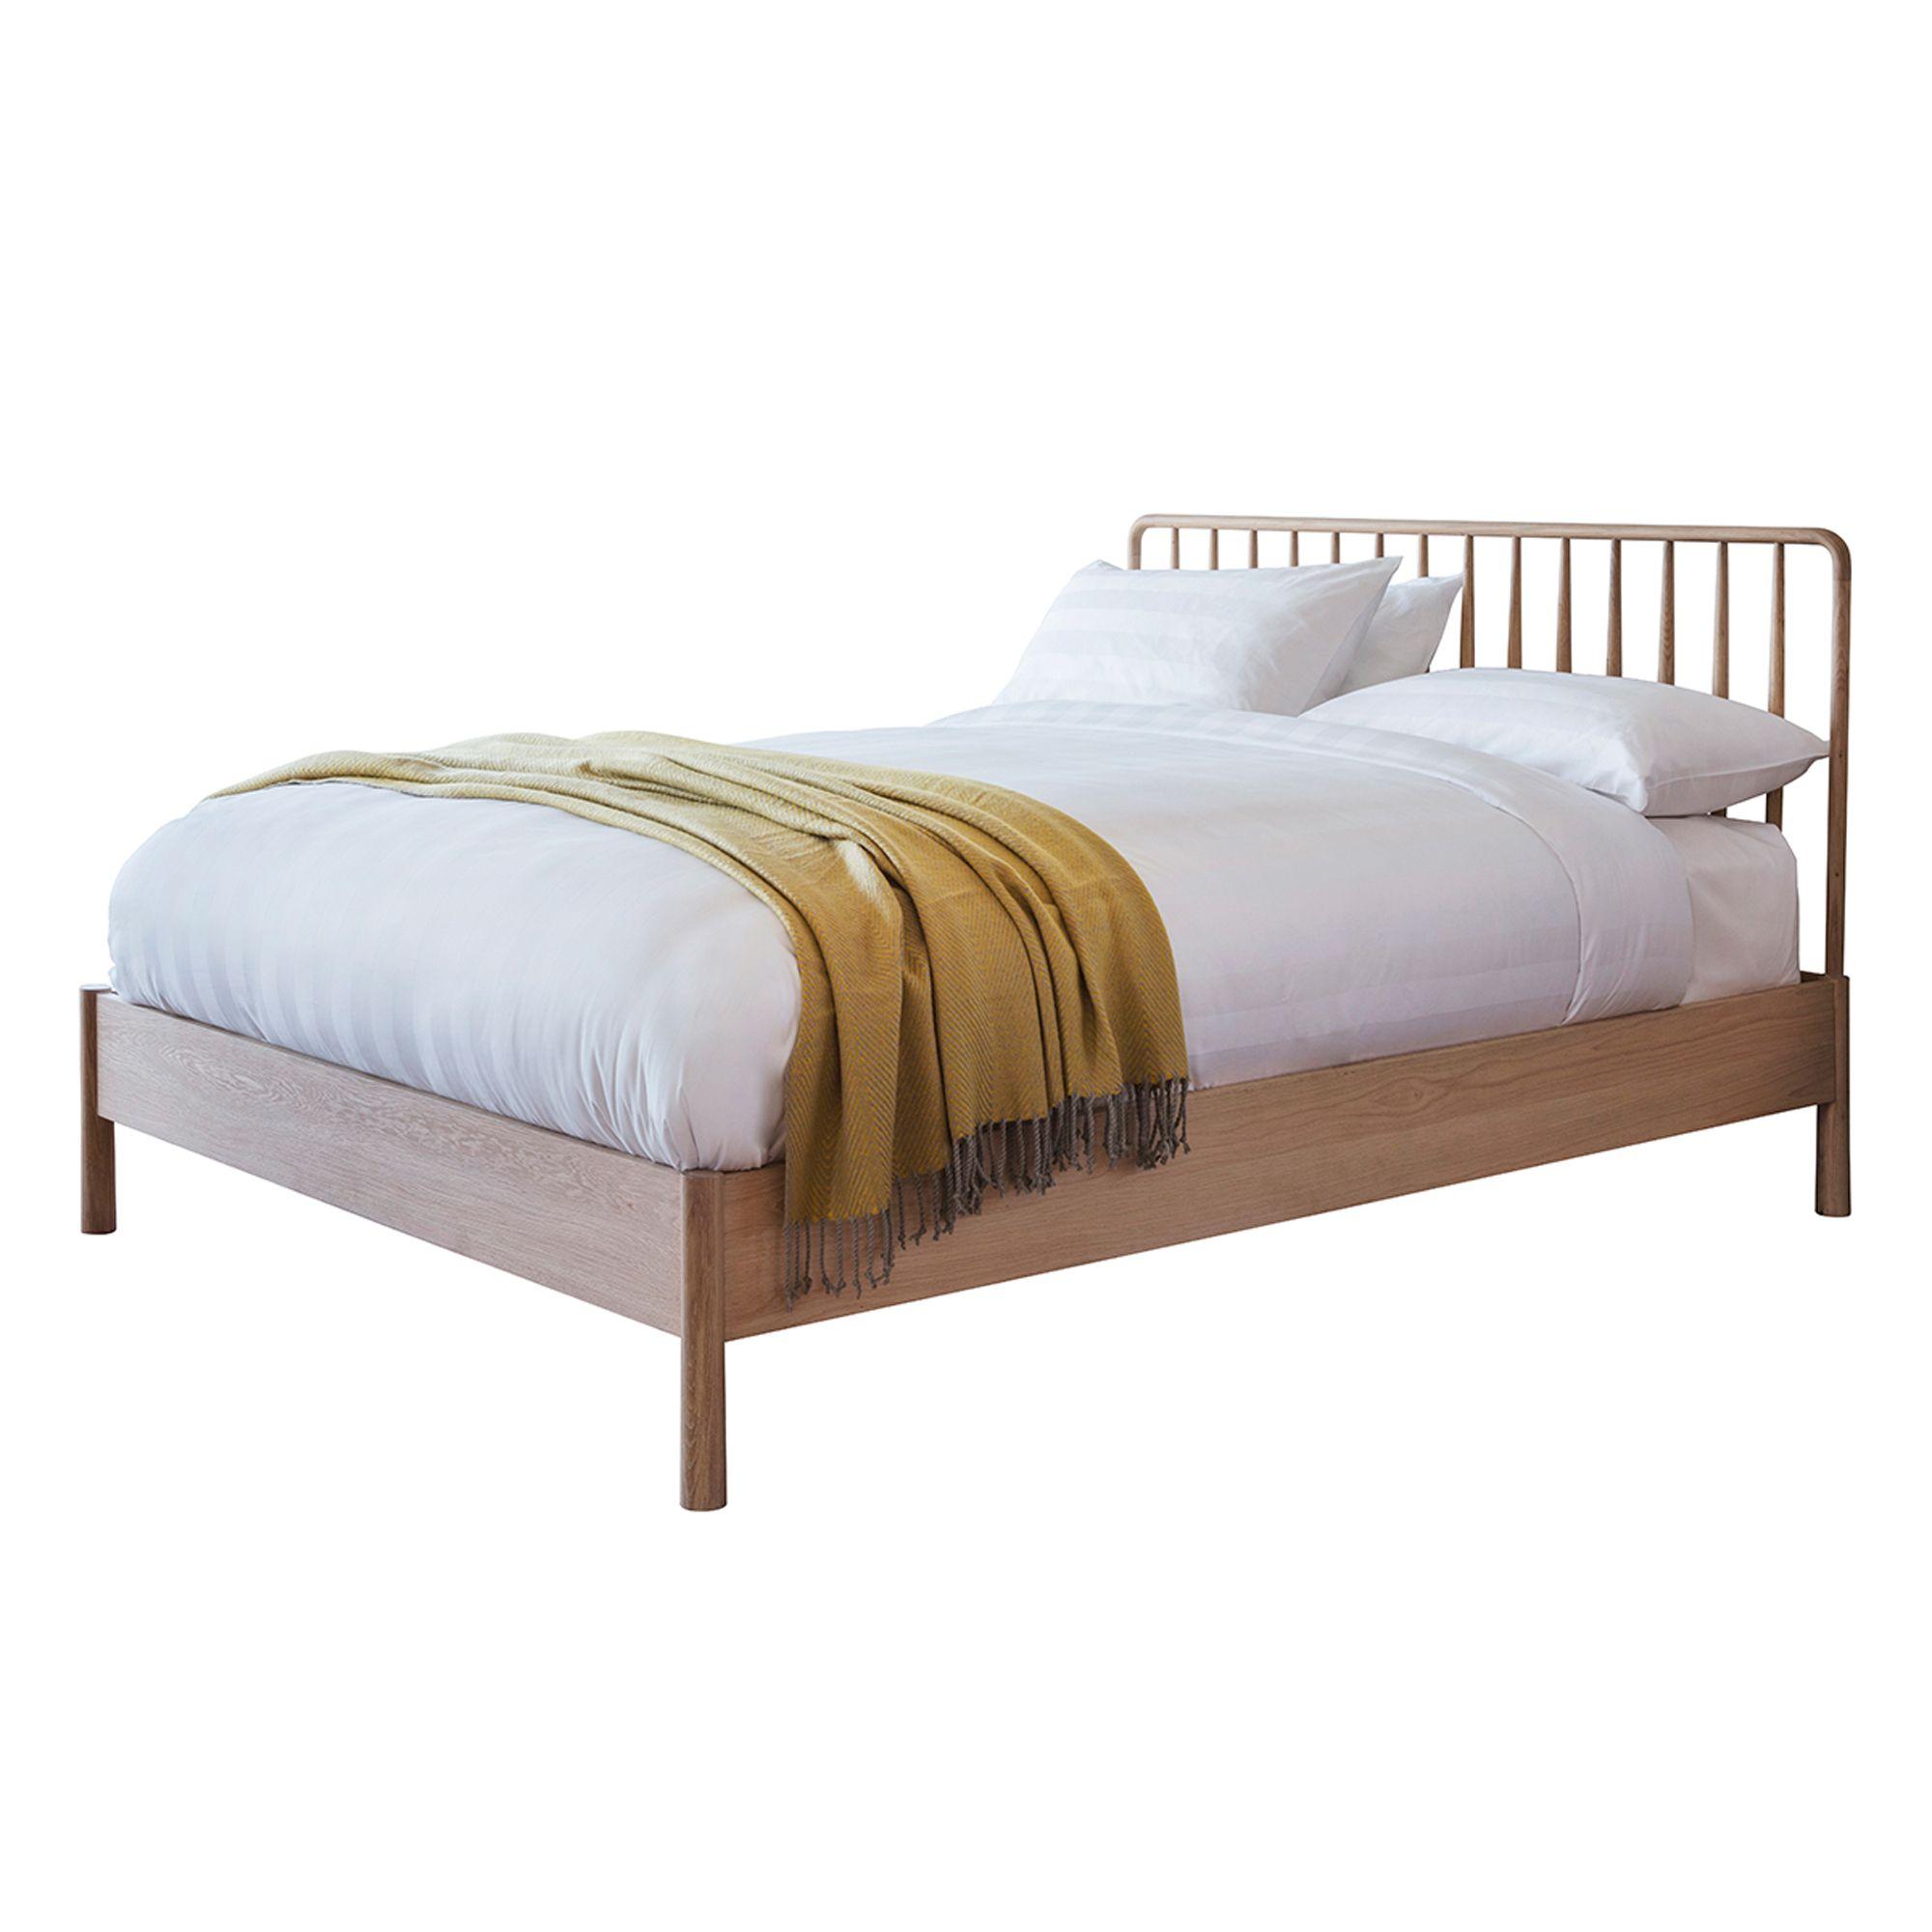 Julio Solid Oak Spindle Bed Frame Spindle Bed Bed Frame Oak Beds